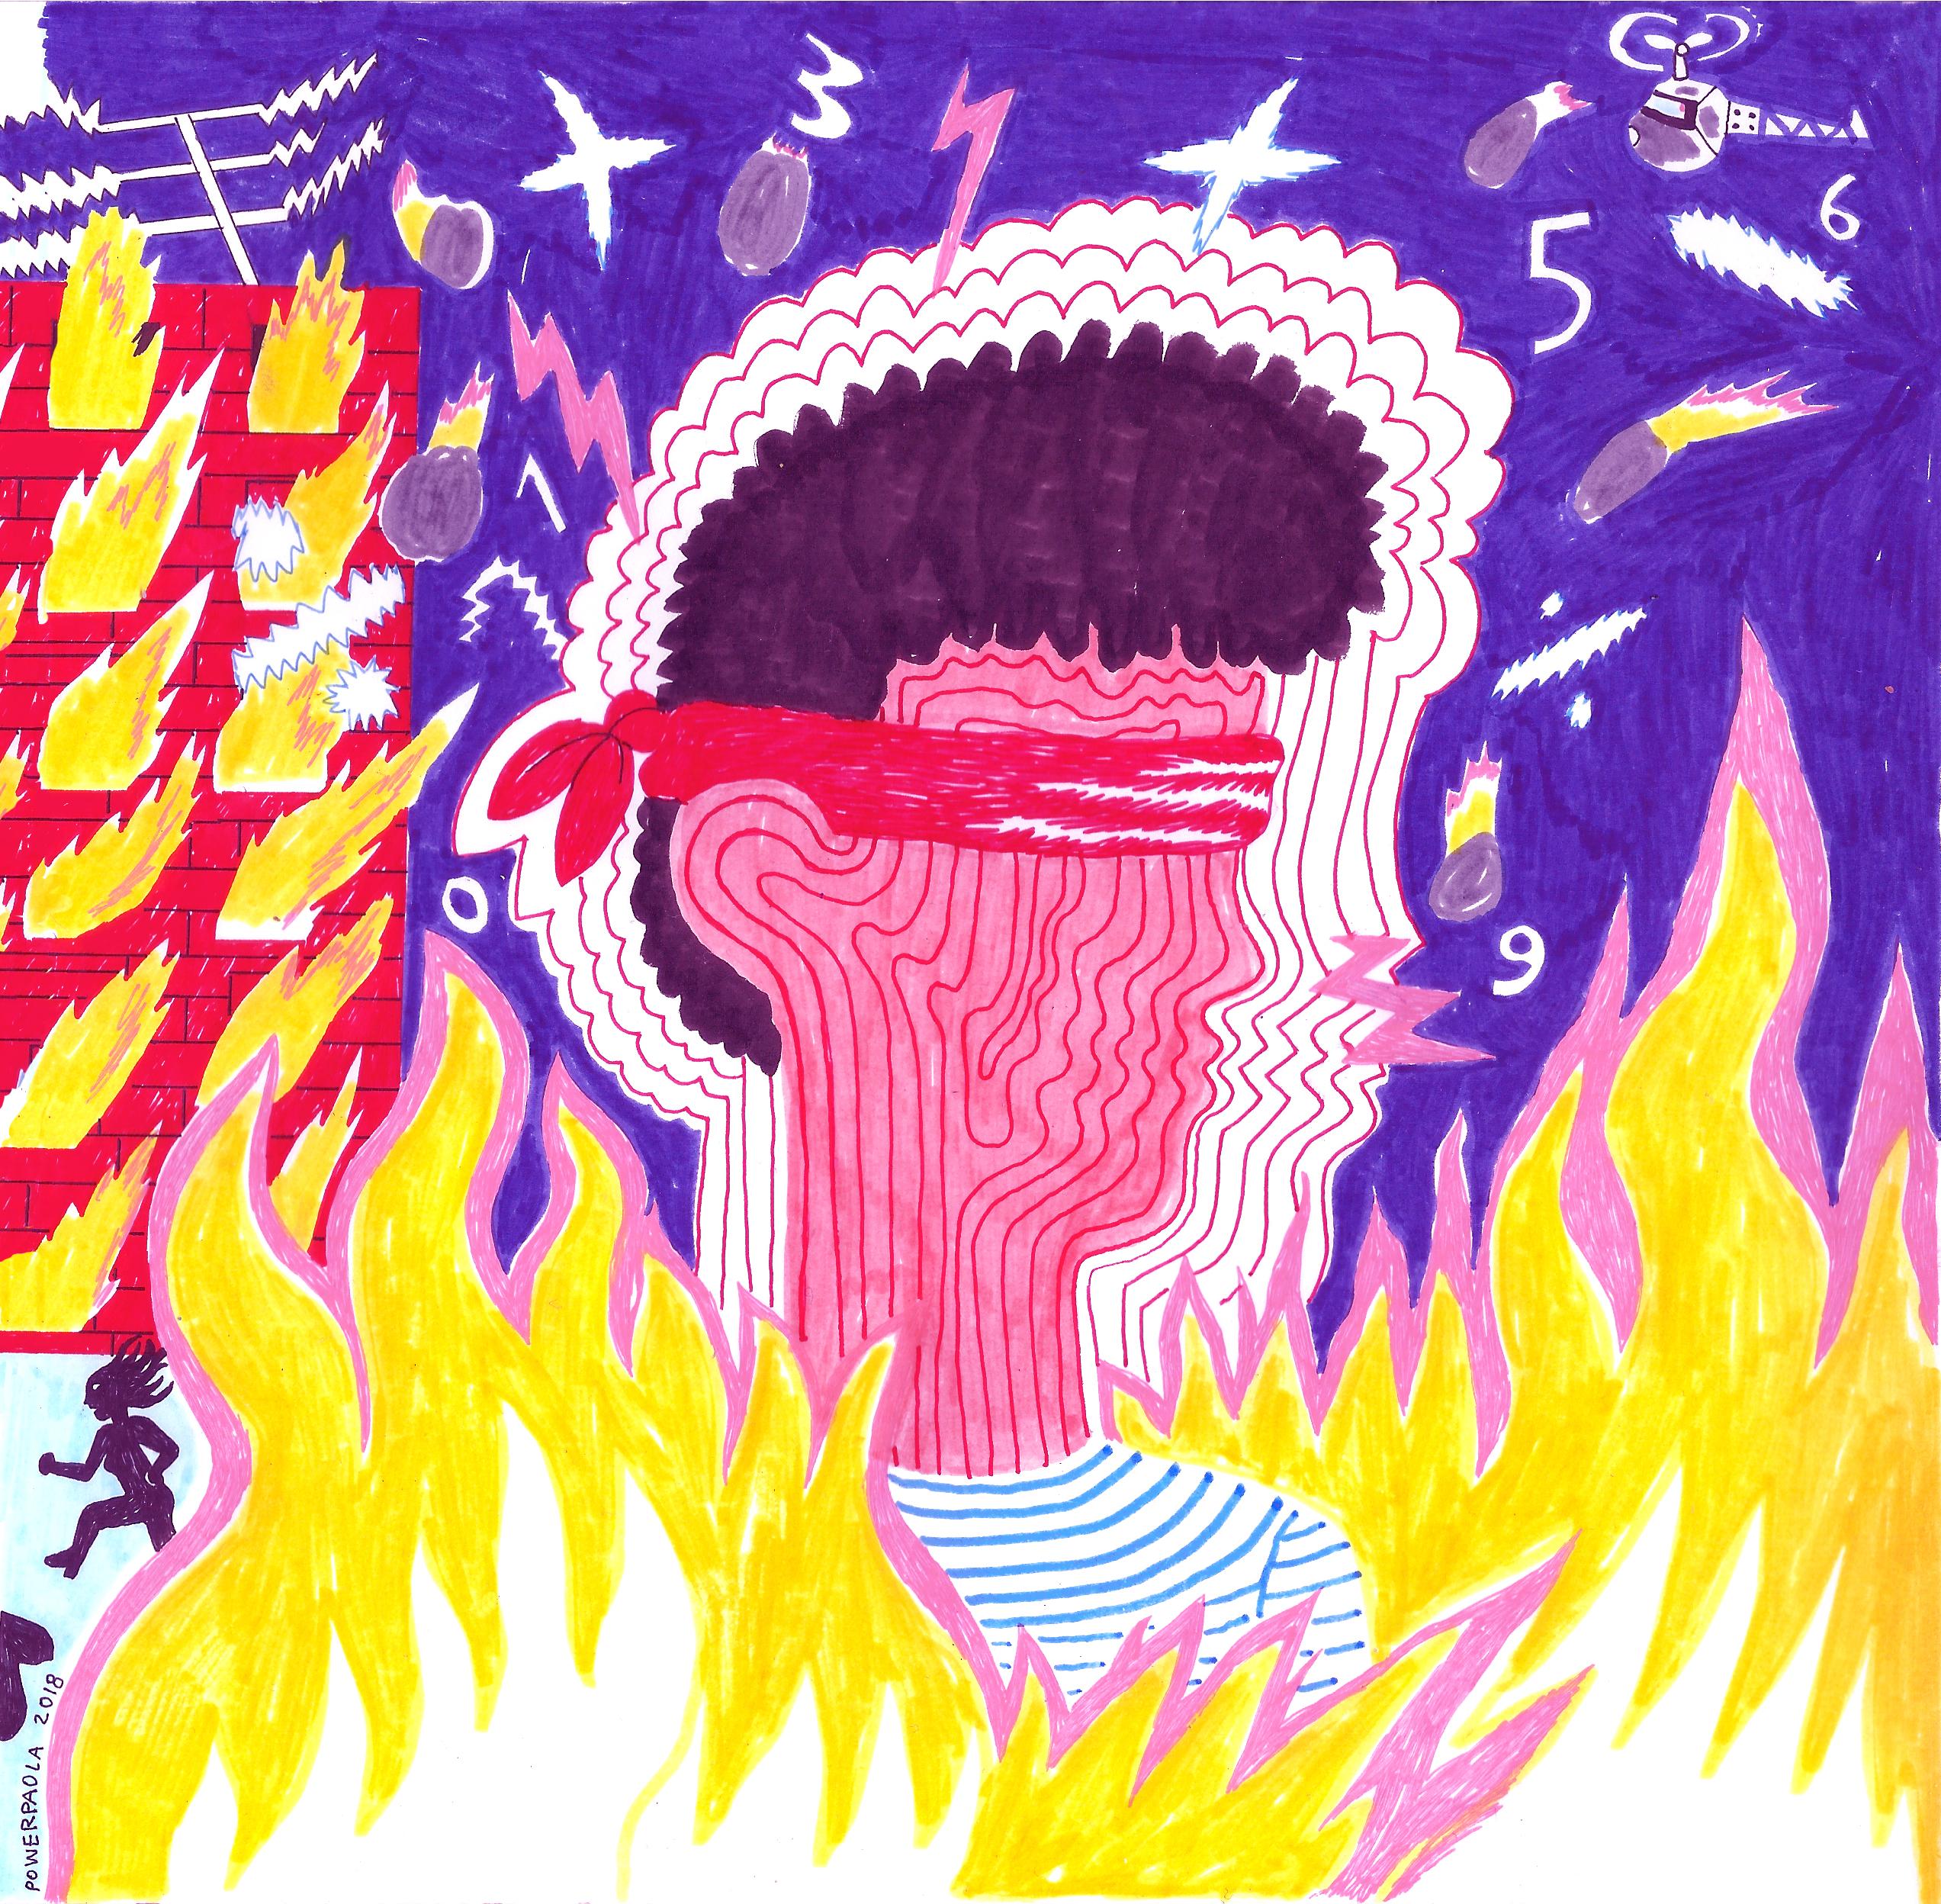 Ciencia y democracia: columna de Andrés Carvajal ilustrada por Power Paola